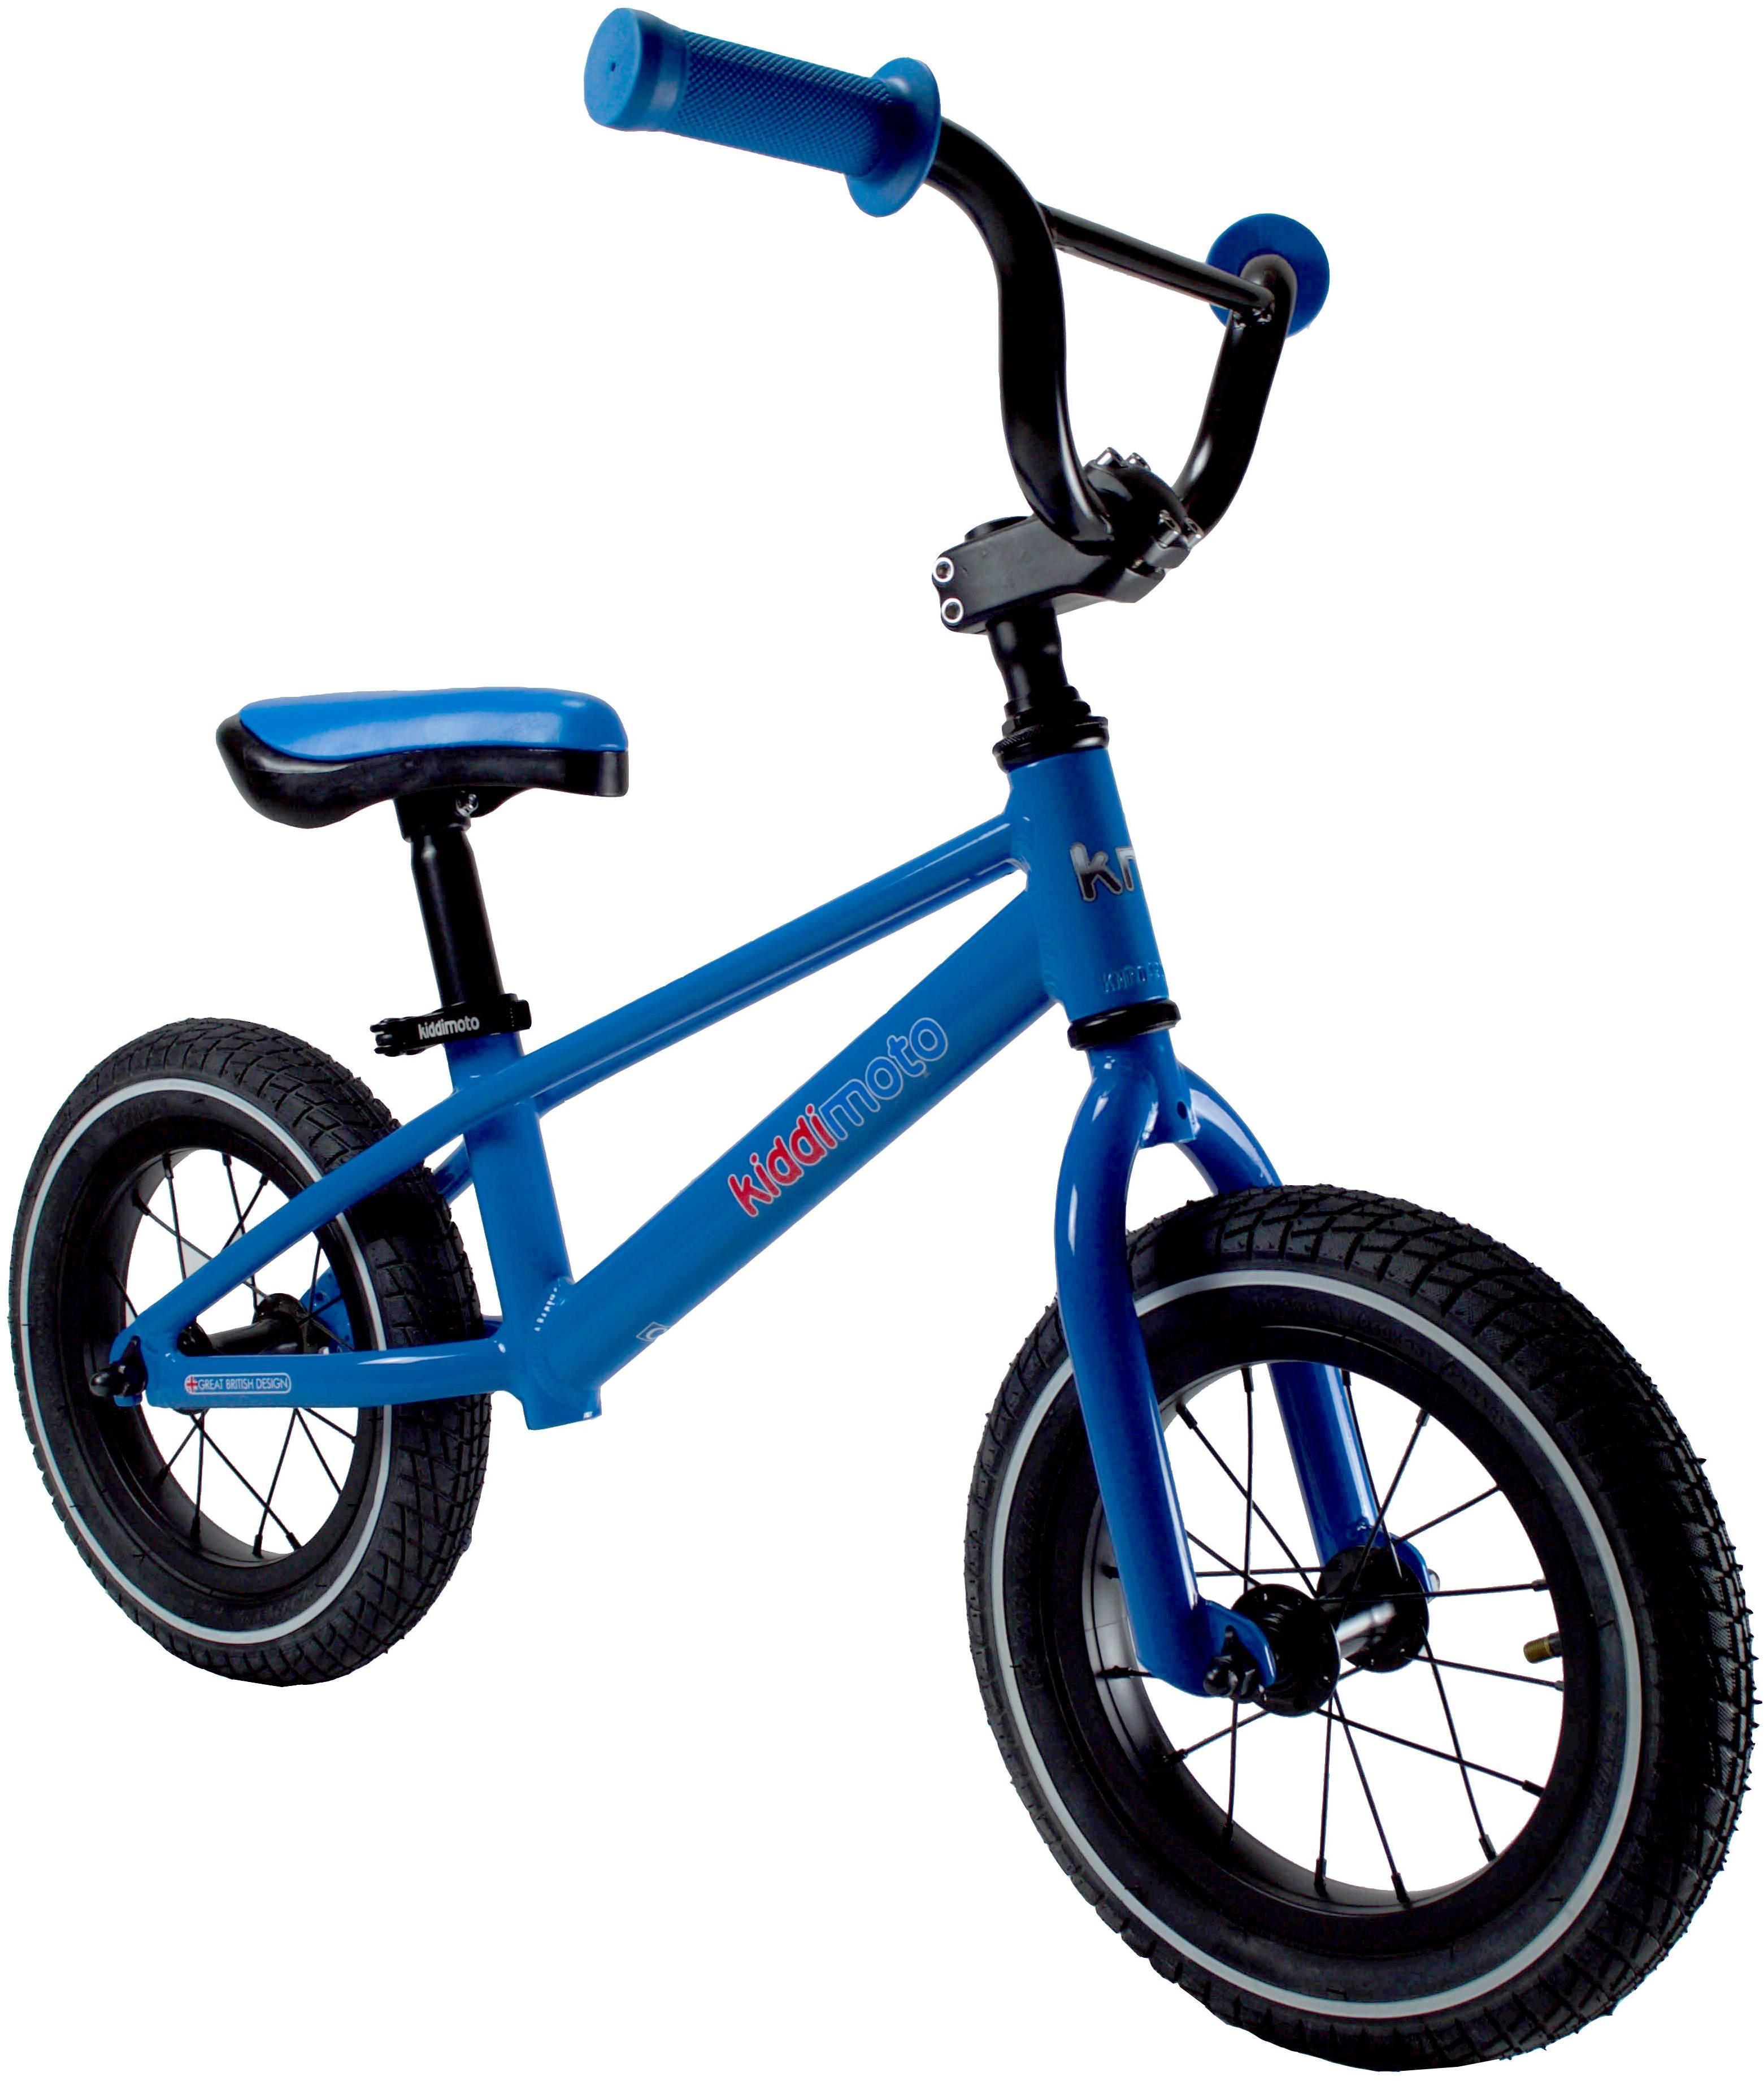 Kiddimoto Kinder-BMX  bleu